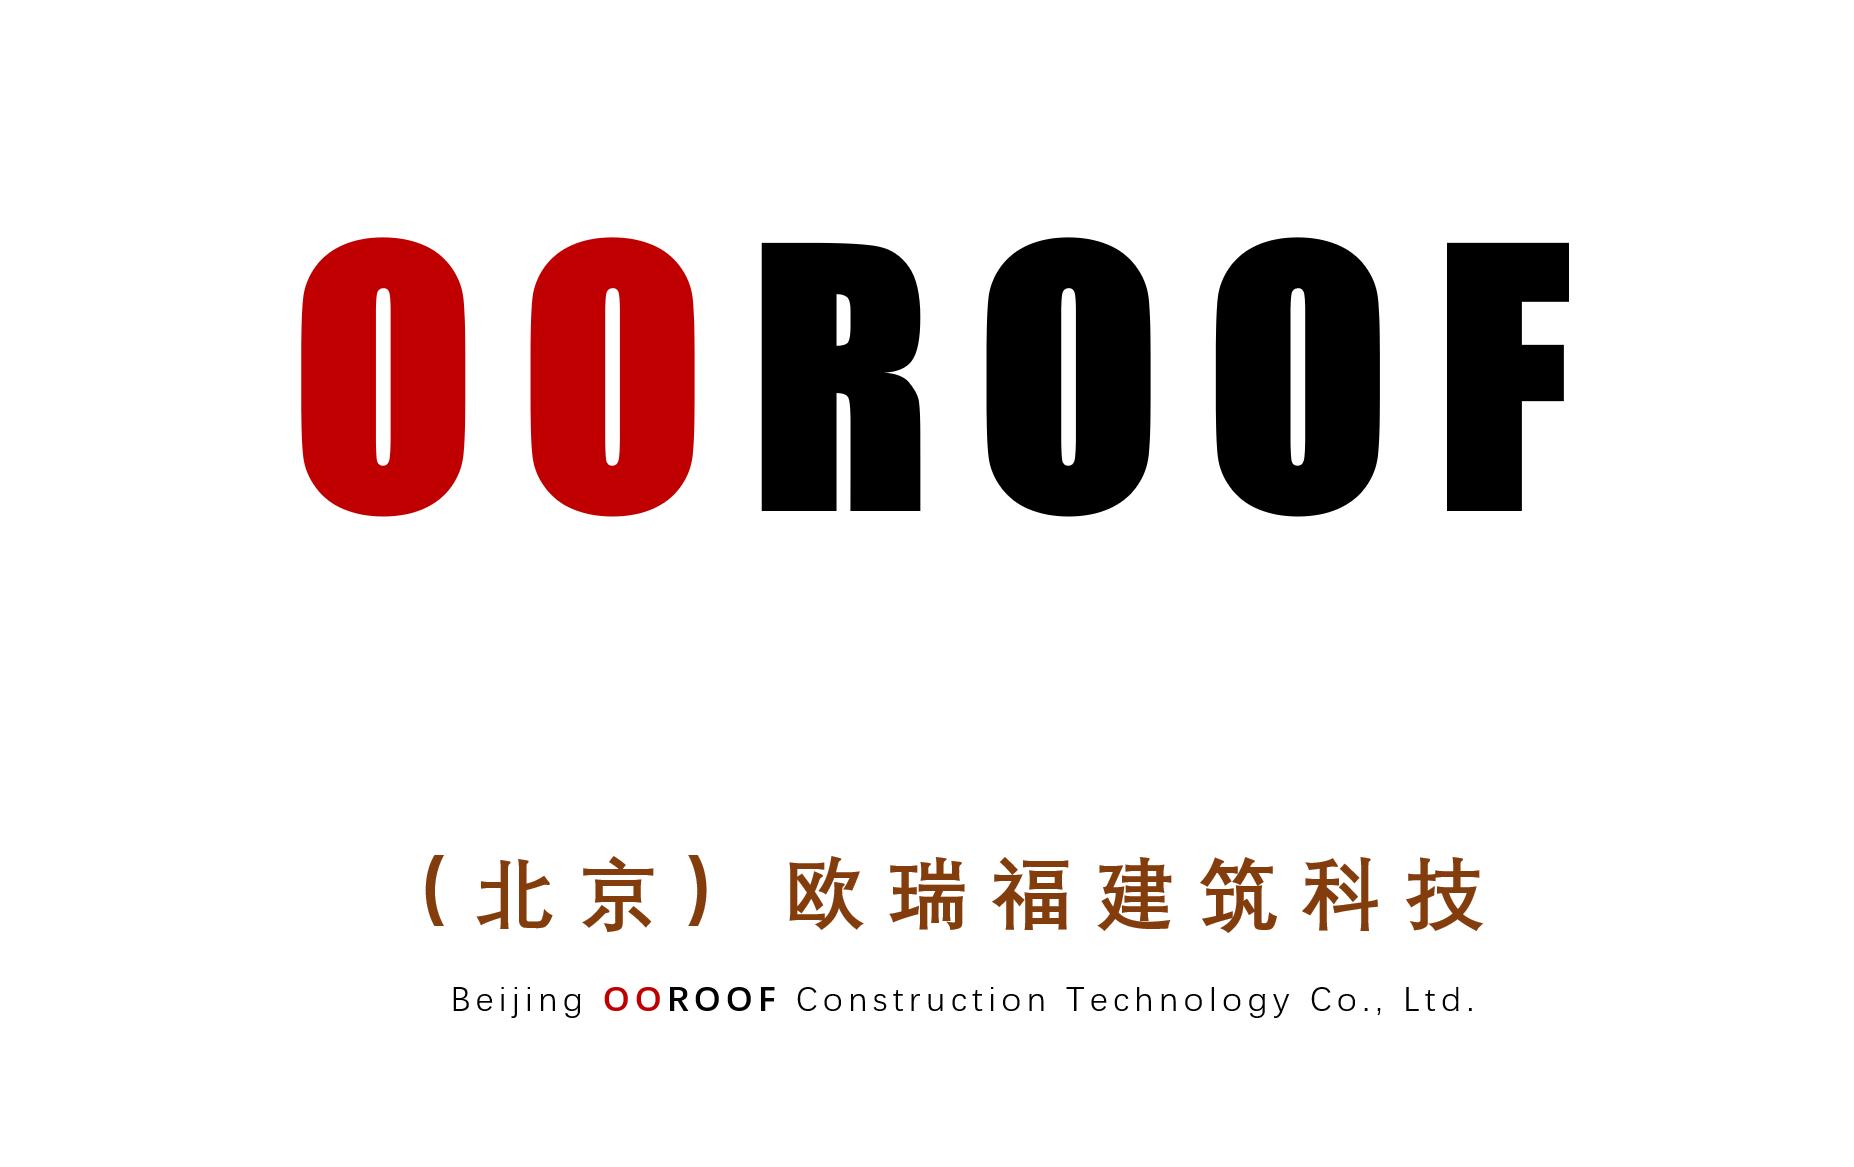 北京世纪欧瑞福建筑科技有限公司